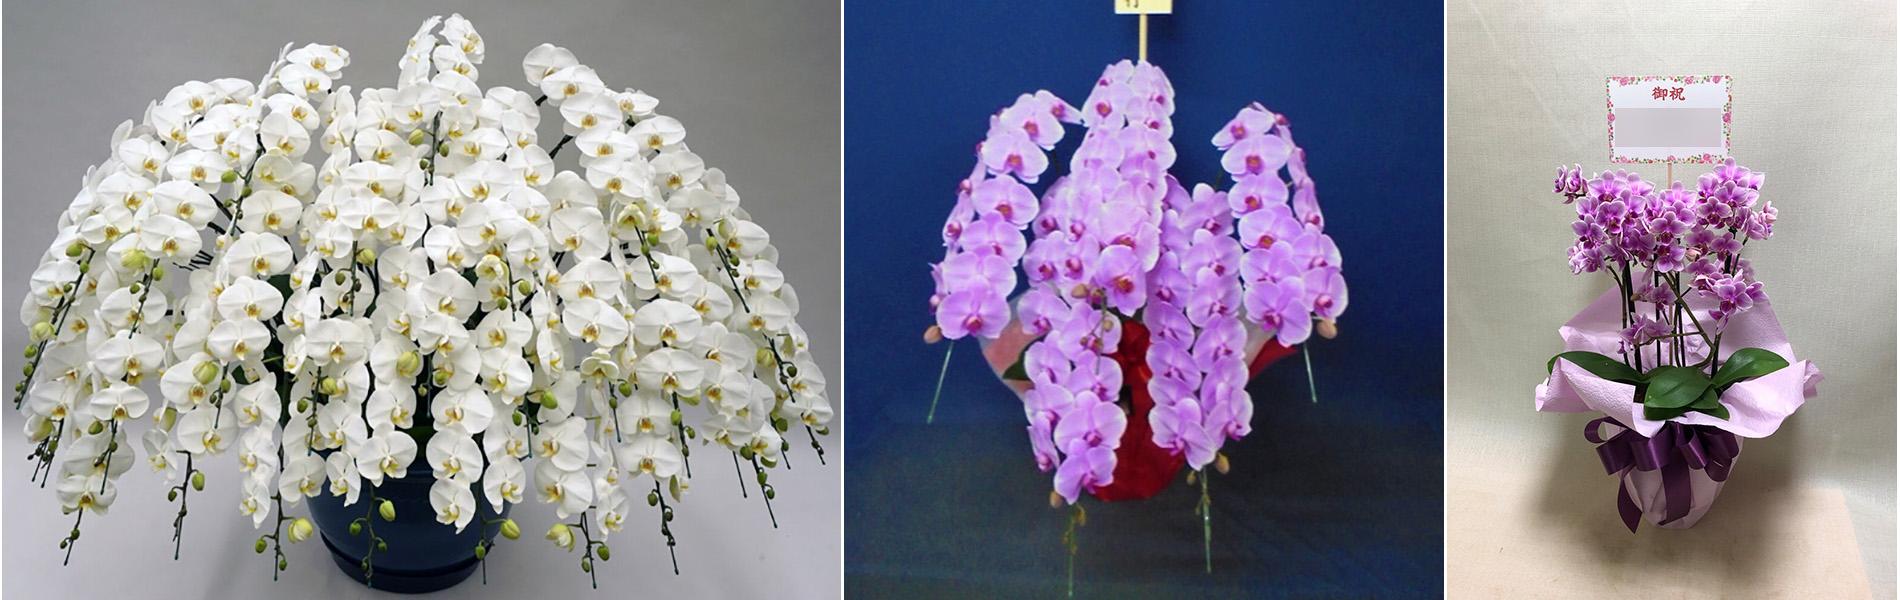 すぐ届く最高品質の胡蝶蘭。松庄花壇トップページスライドショー画像3